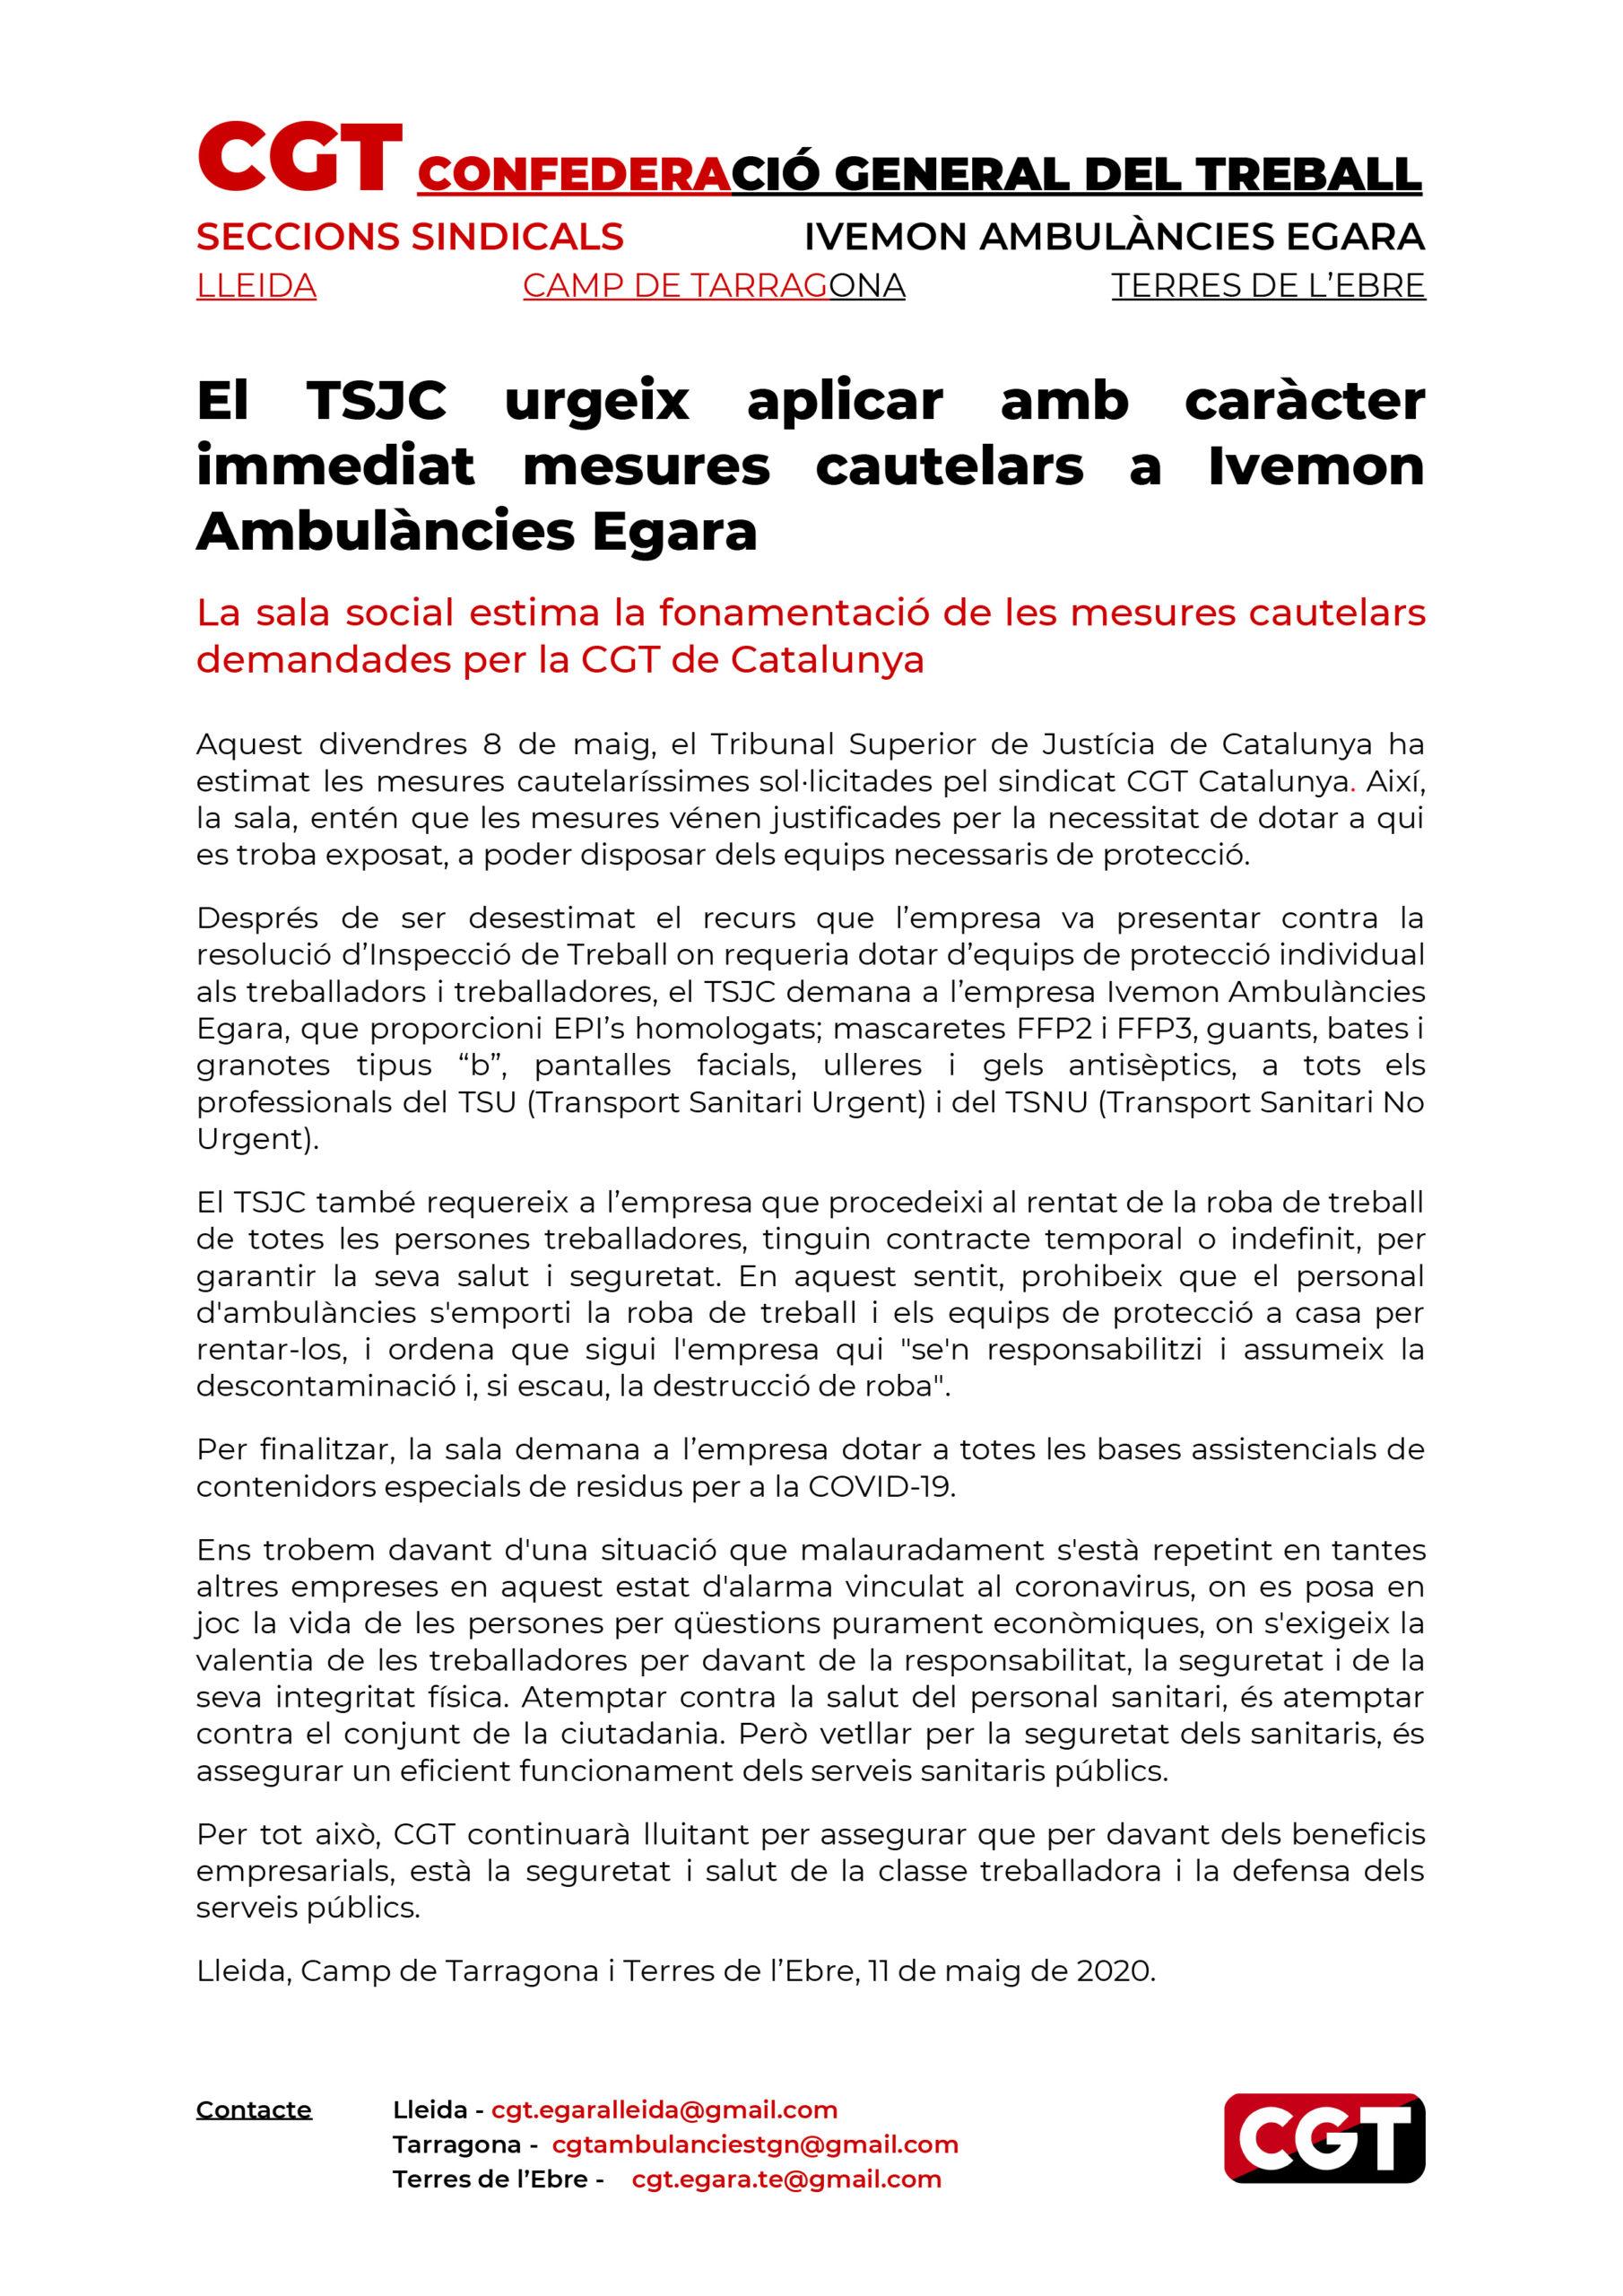 comunicat_de_mesures_cautelarissimes_2_.jpg